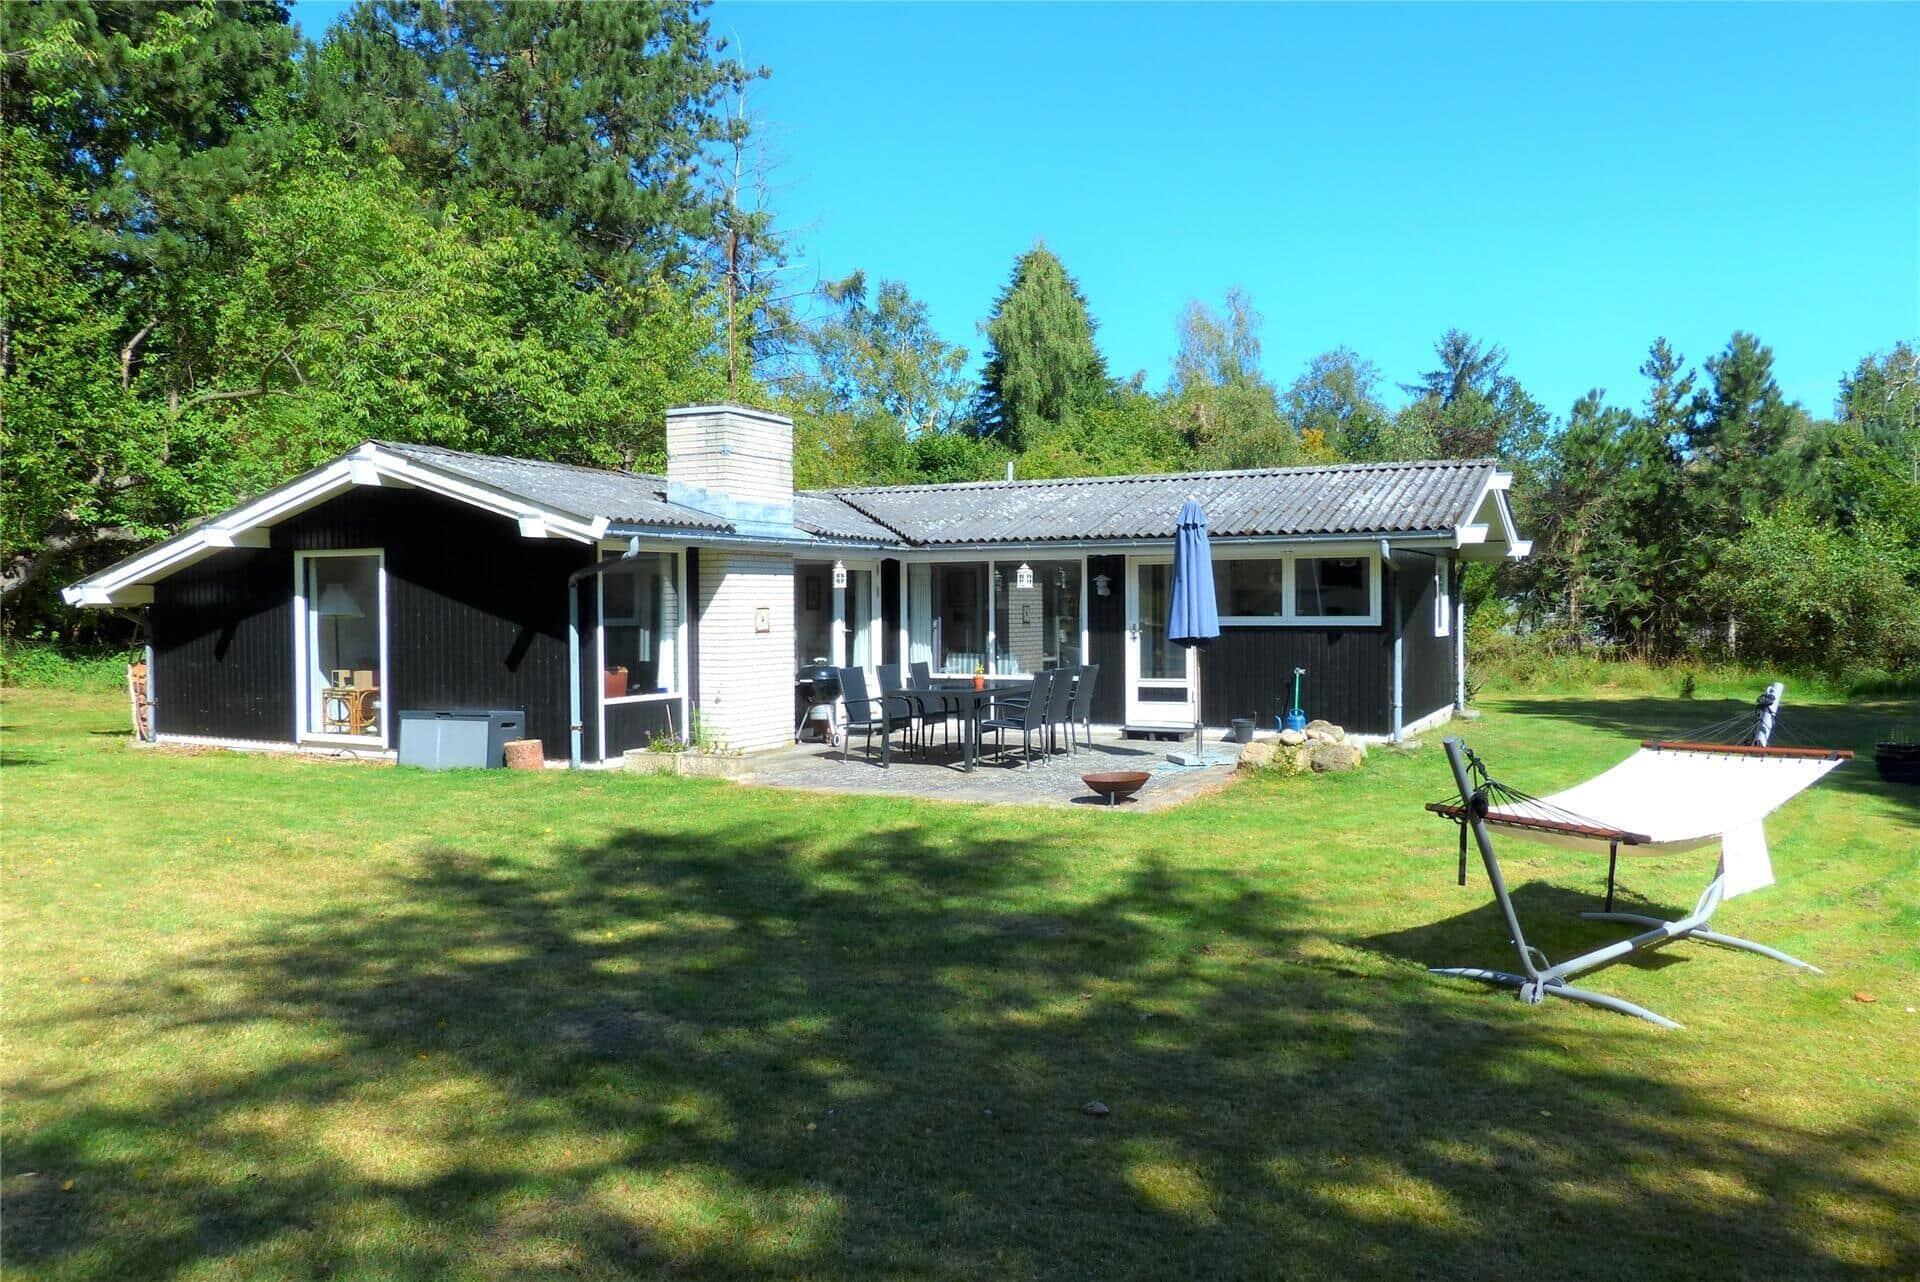 Billede 1-17 Sommerhus 10035, Højsandsparken 27, DK - 4581 Rørvig